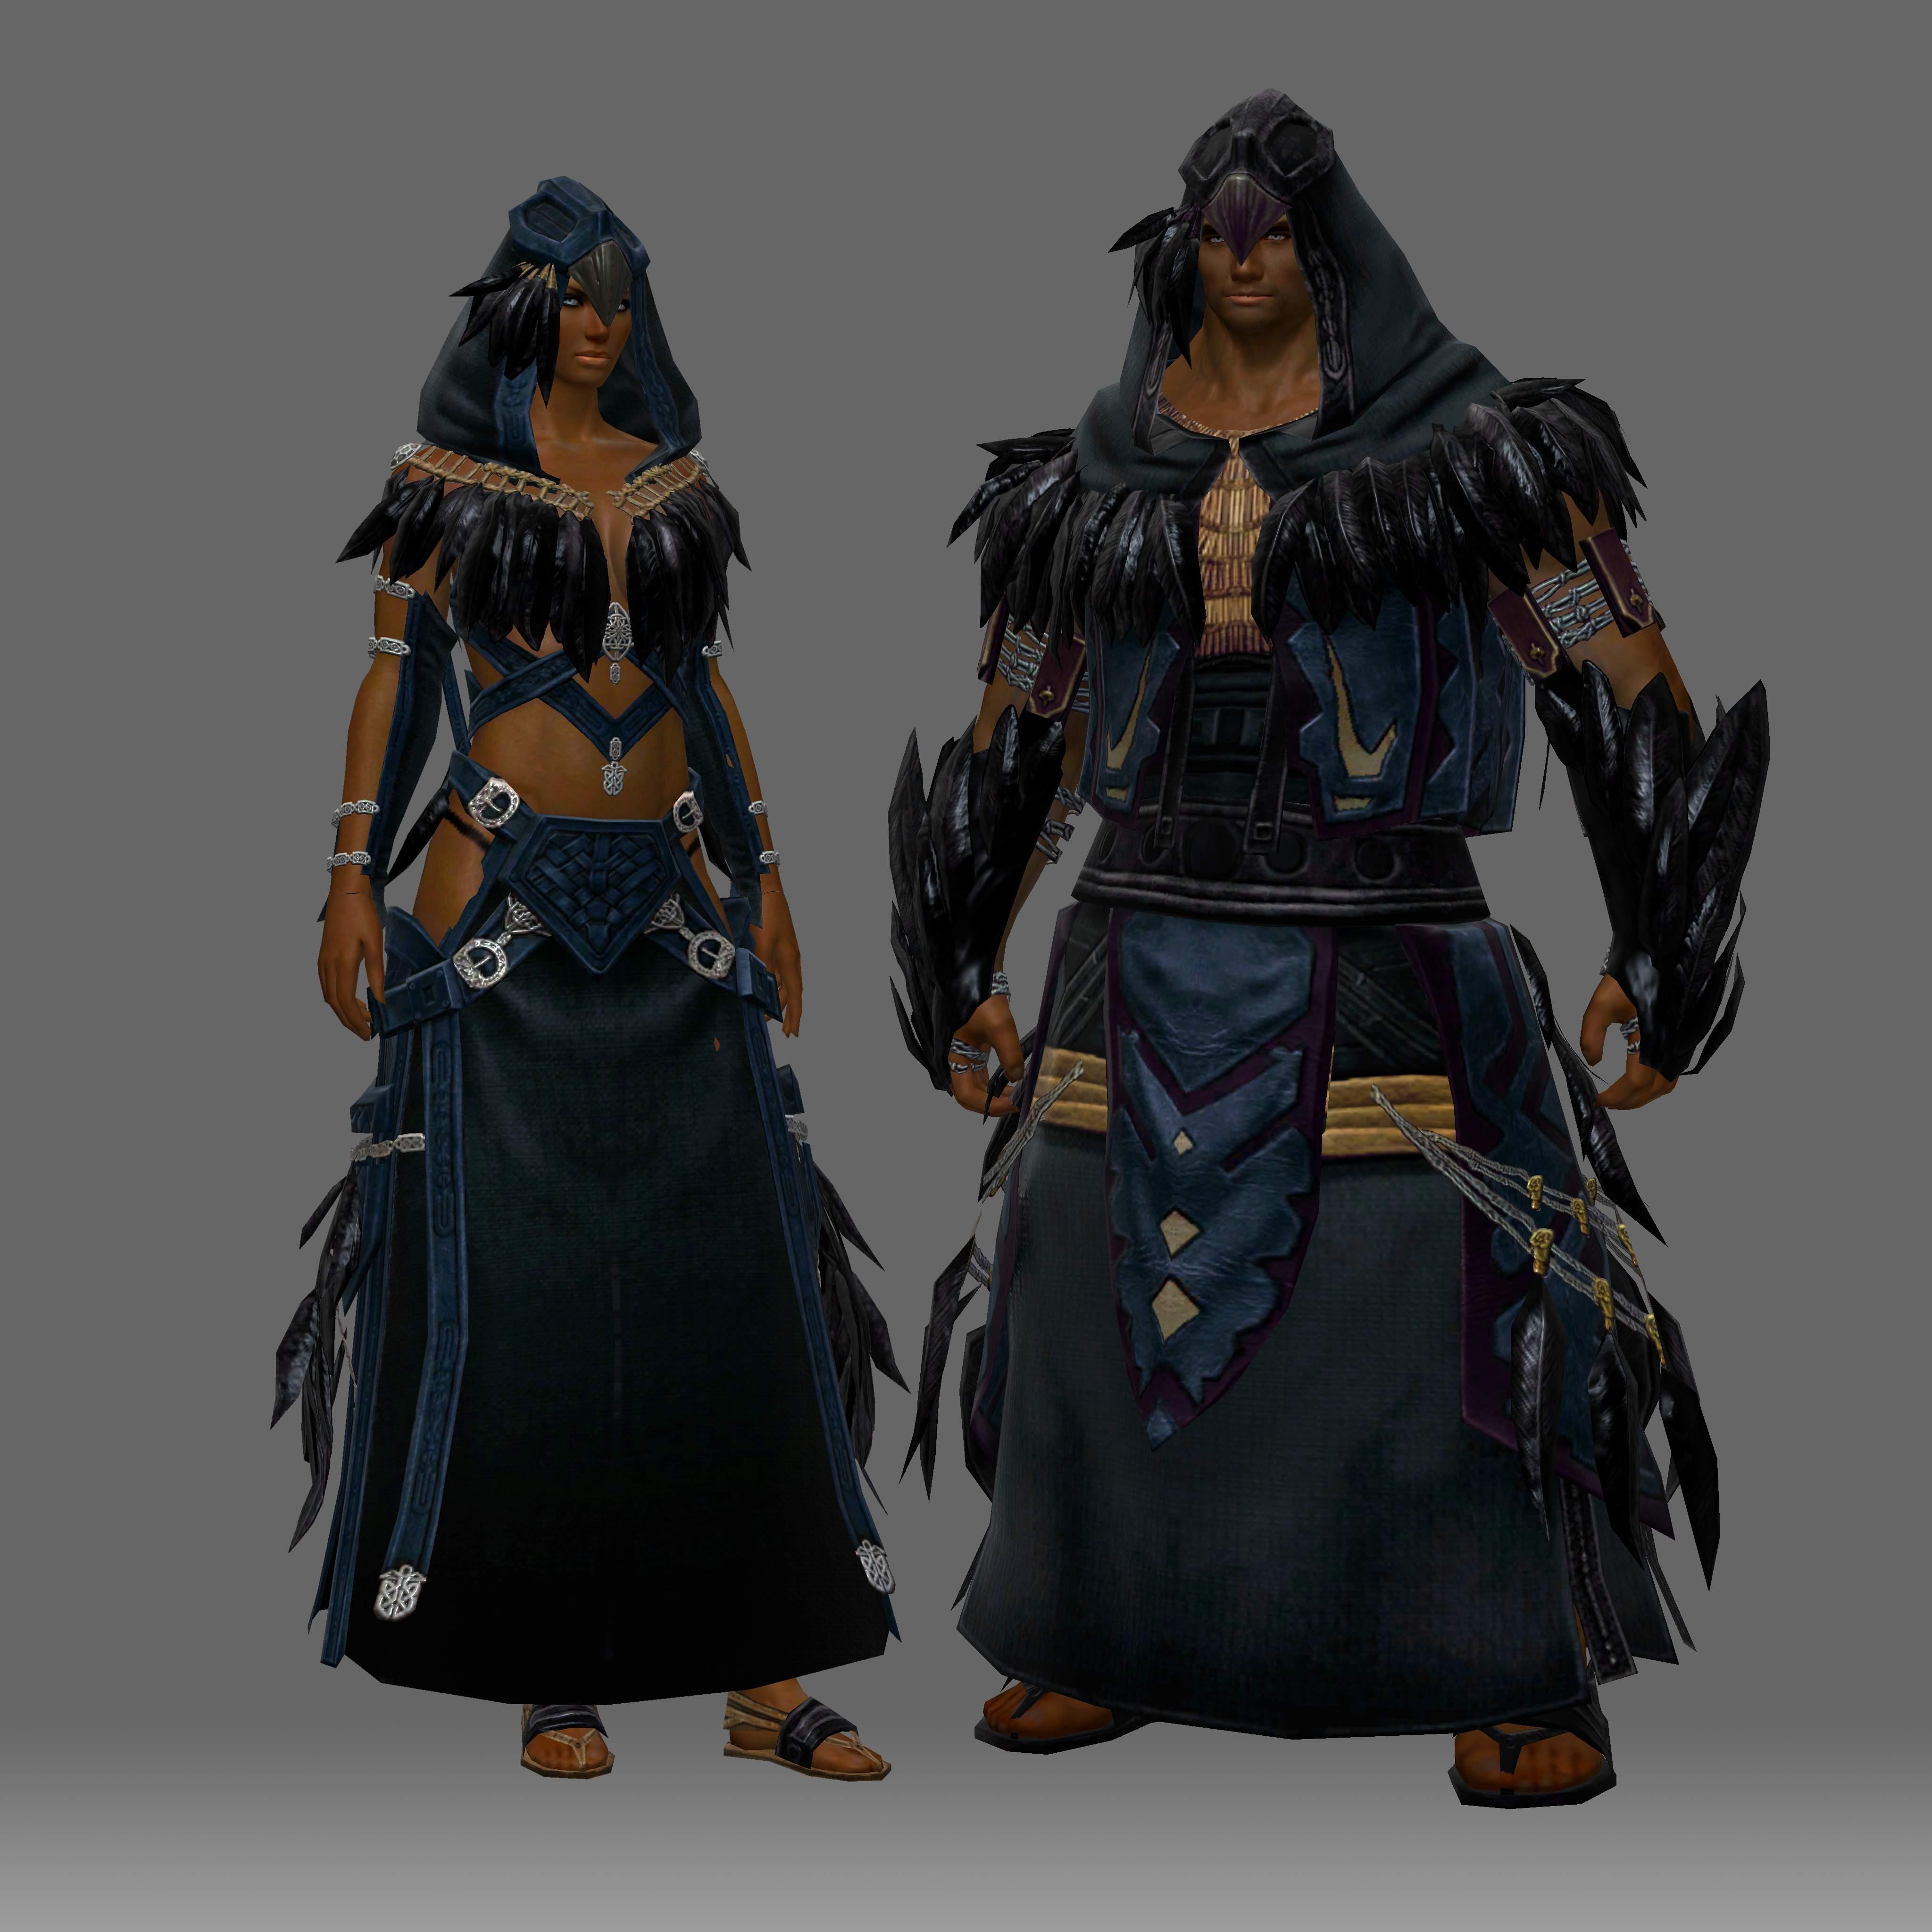 Guild wars 2 gw2 darkened desires gw2 fashion - Guild Wars 2 Gw2 Darkened Desires Gw2 Fashion 23